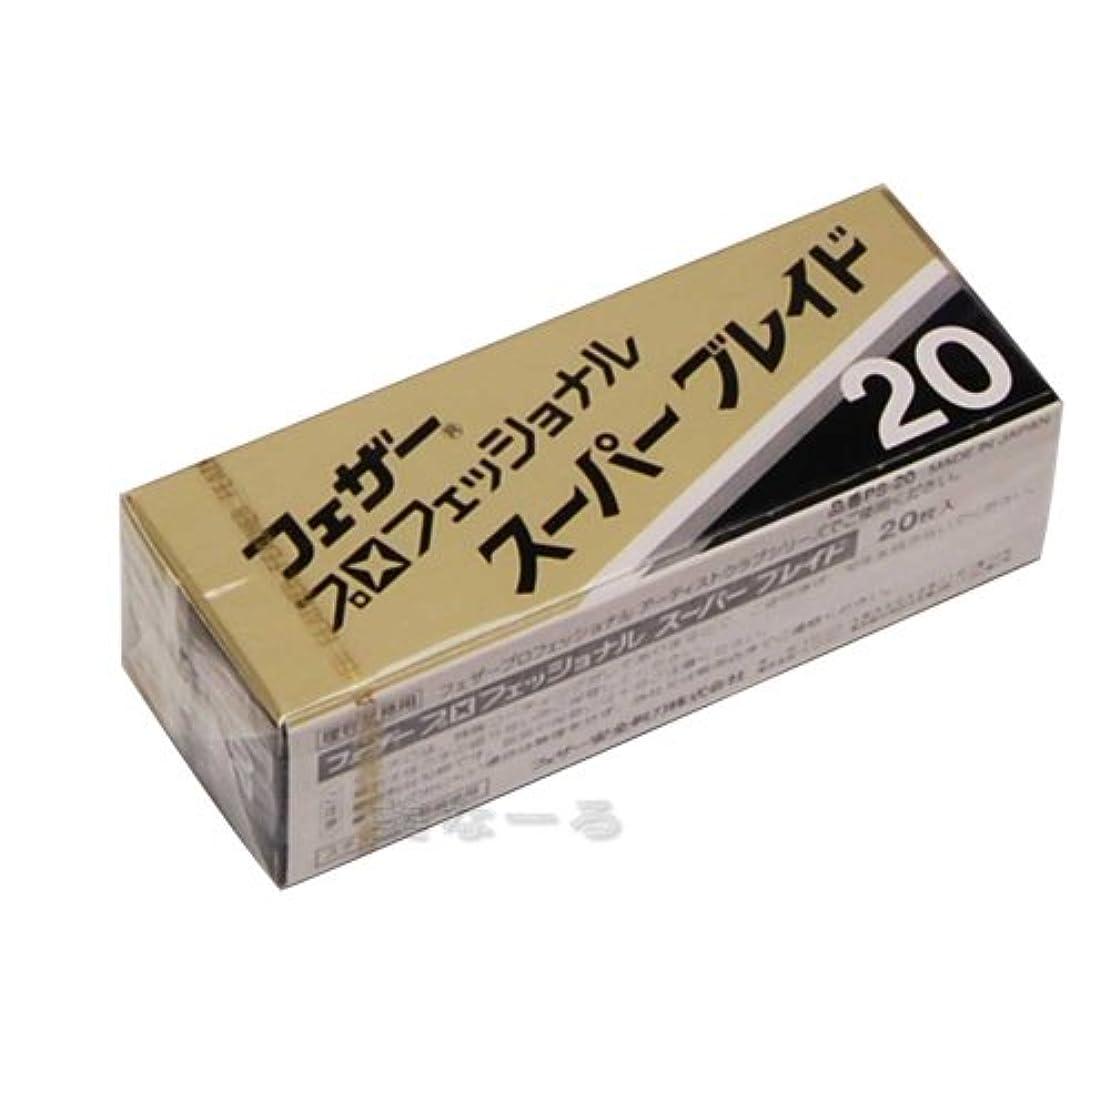 郵便ジョットディボンドン体現するフェザープロフェッショナルブレイド スーパーブレイド 20枚入